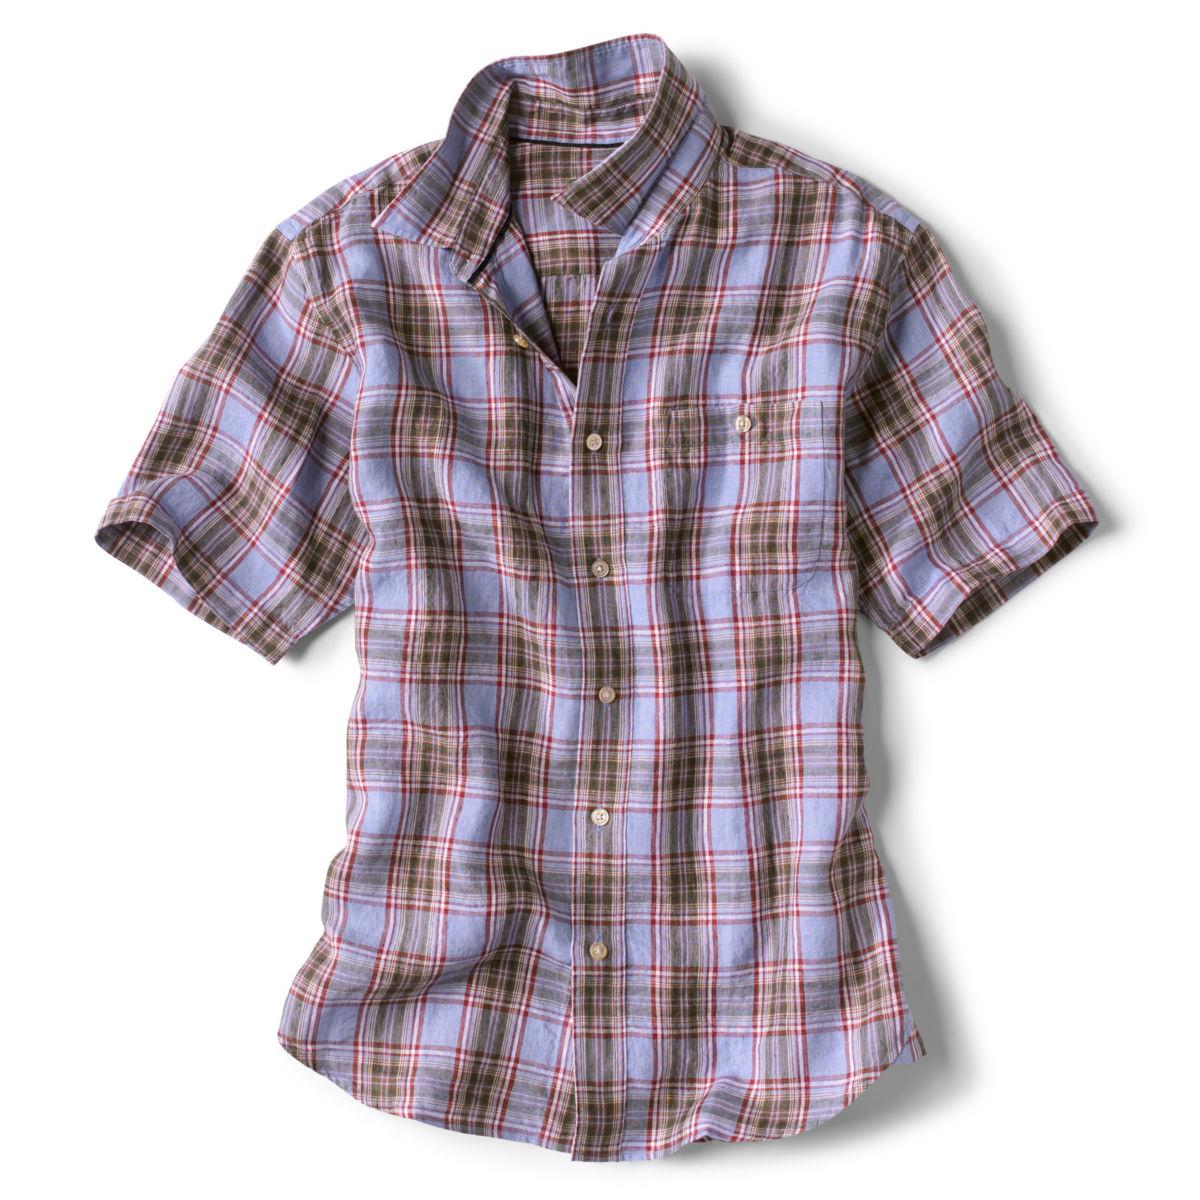 Flyweight Linen Shirt - image number 0